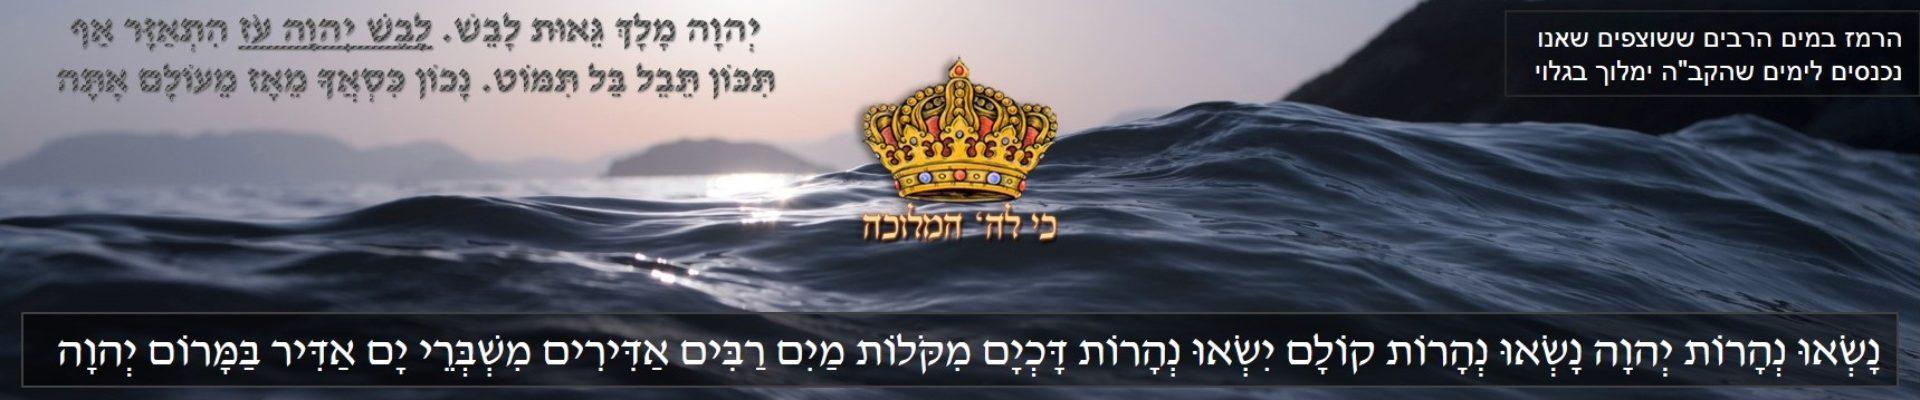 פאה נכרית- מתי מותר לחבוש פאה ומתי לא? הרב מאיר אליהו מסביר